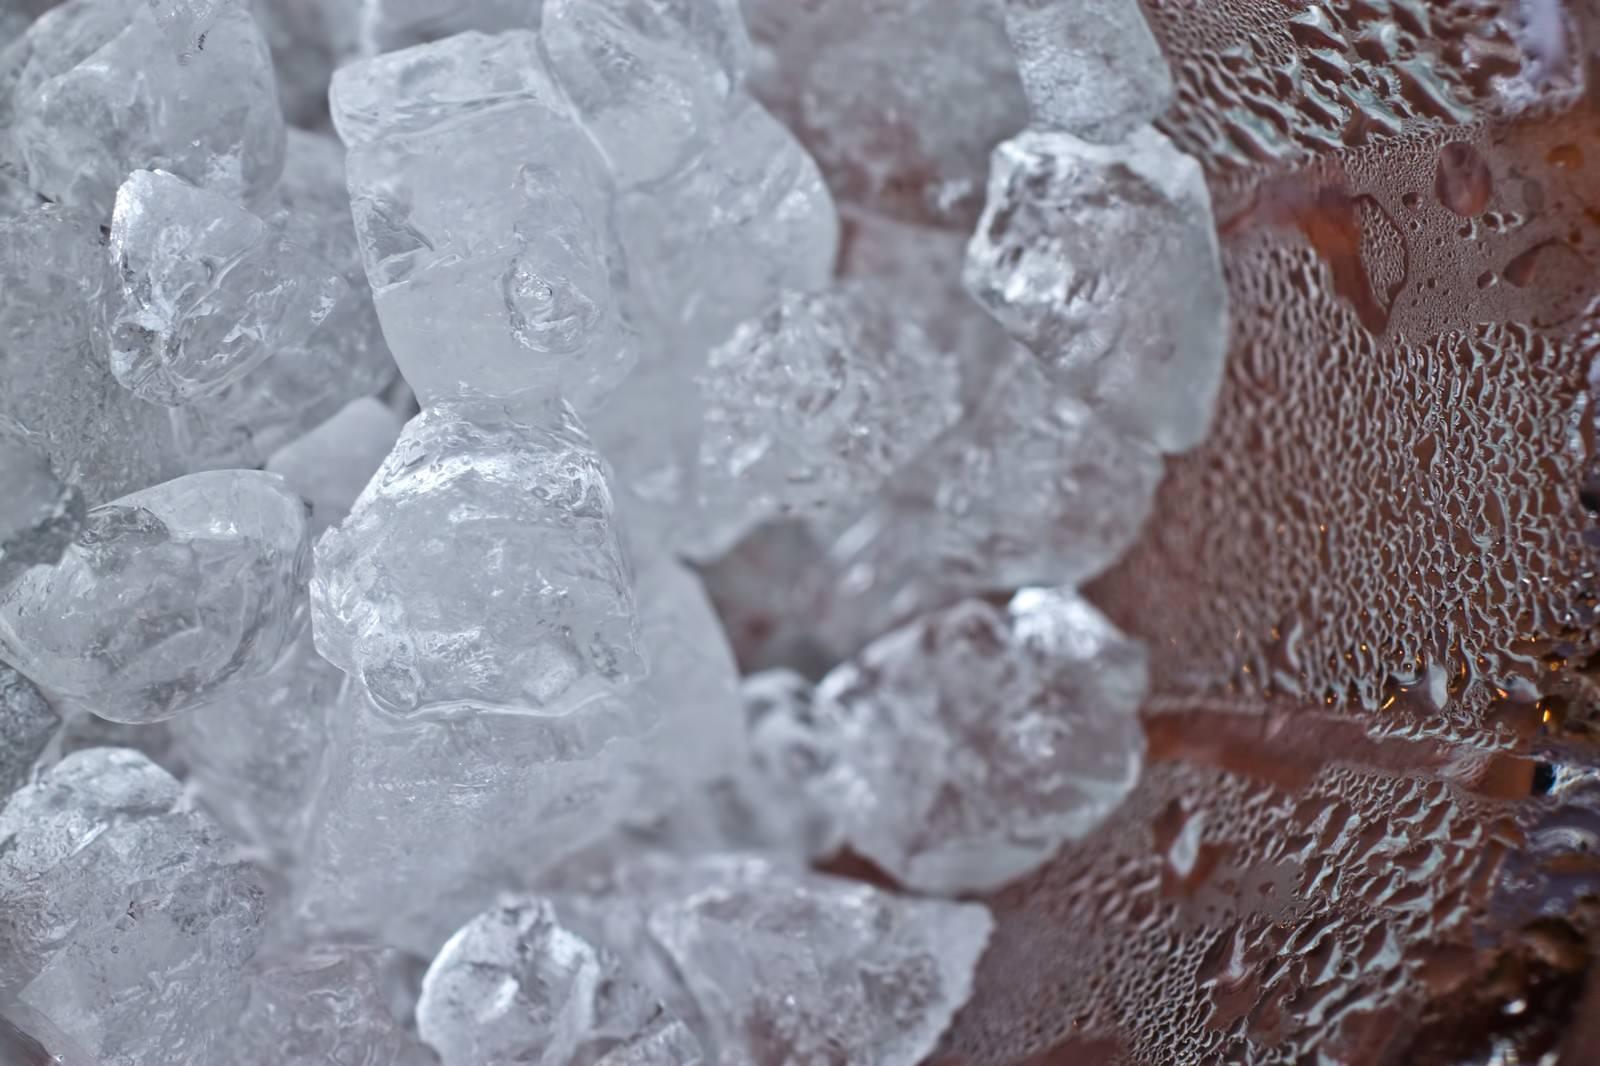 「グラスの中の氷と水滴」の写真